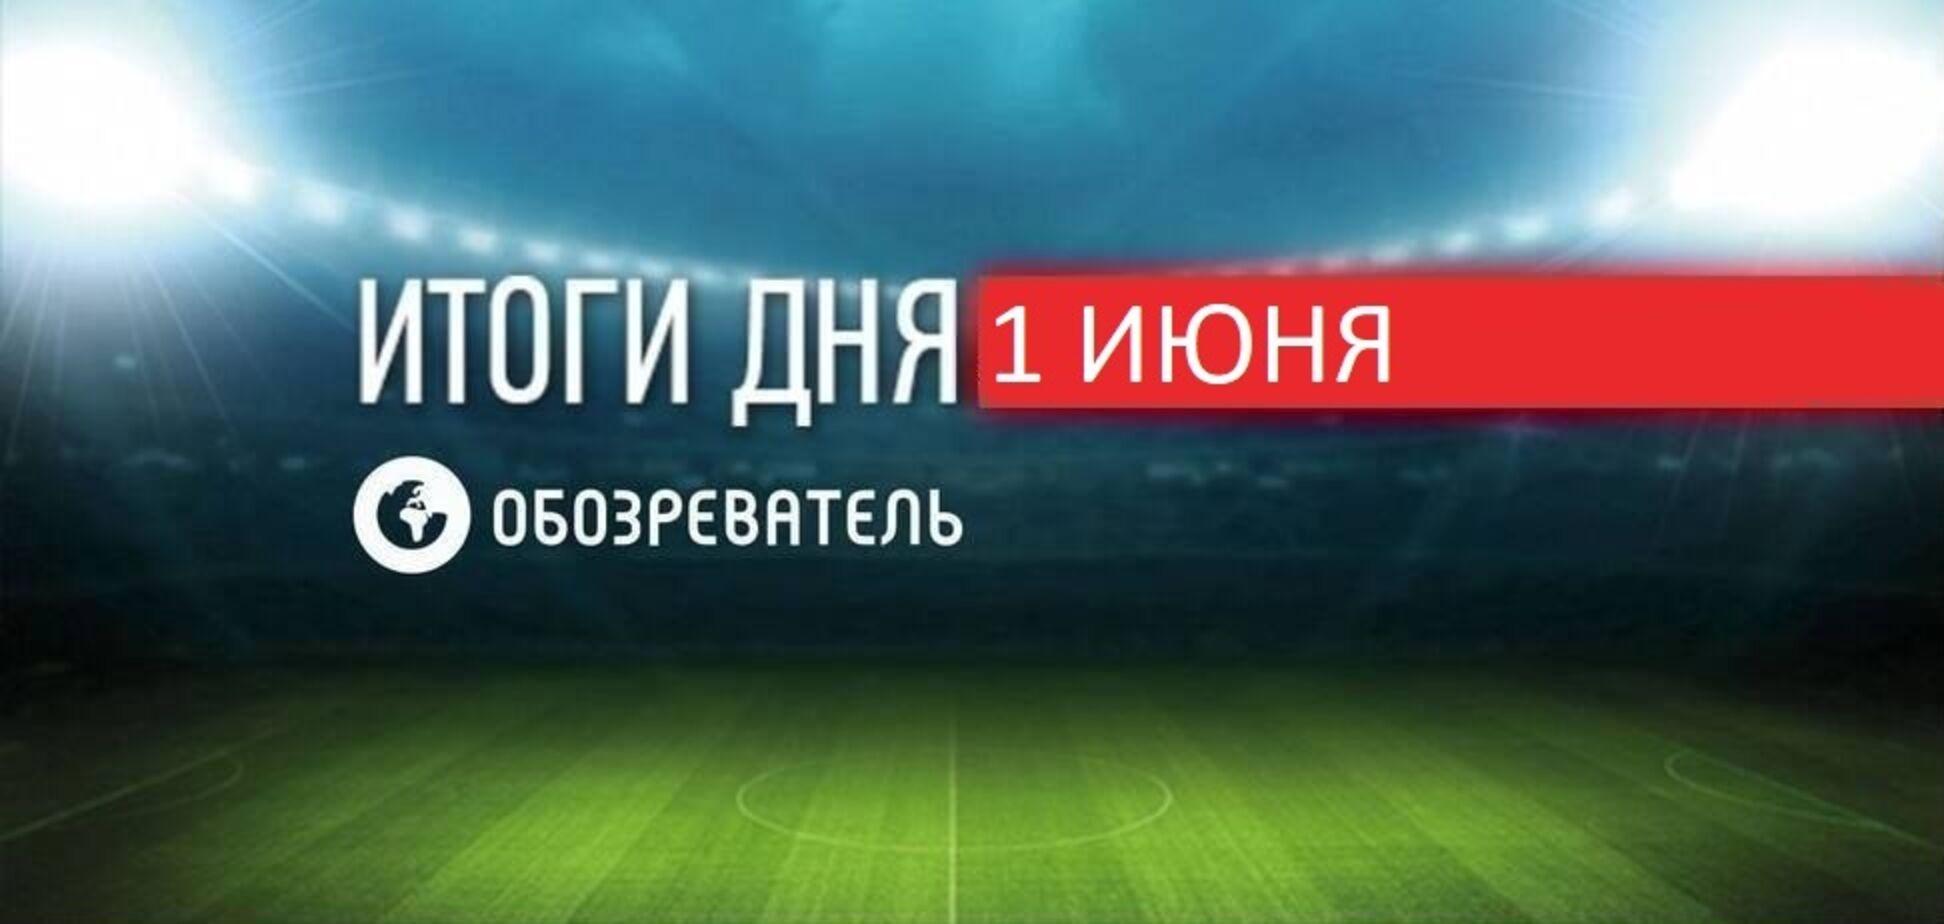 Новини спорту 1 червня: Усик розповів про труднощі через громадянство України